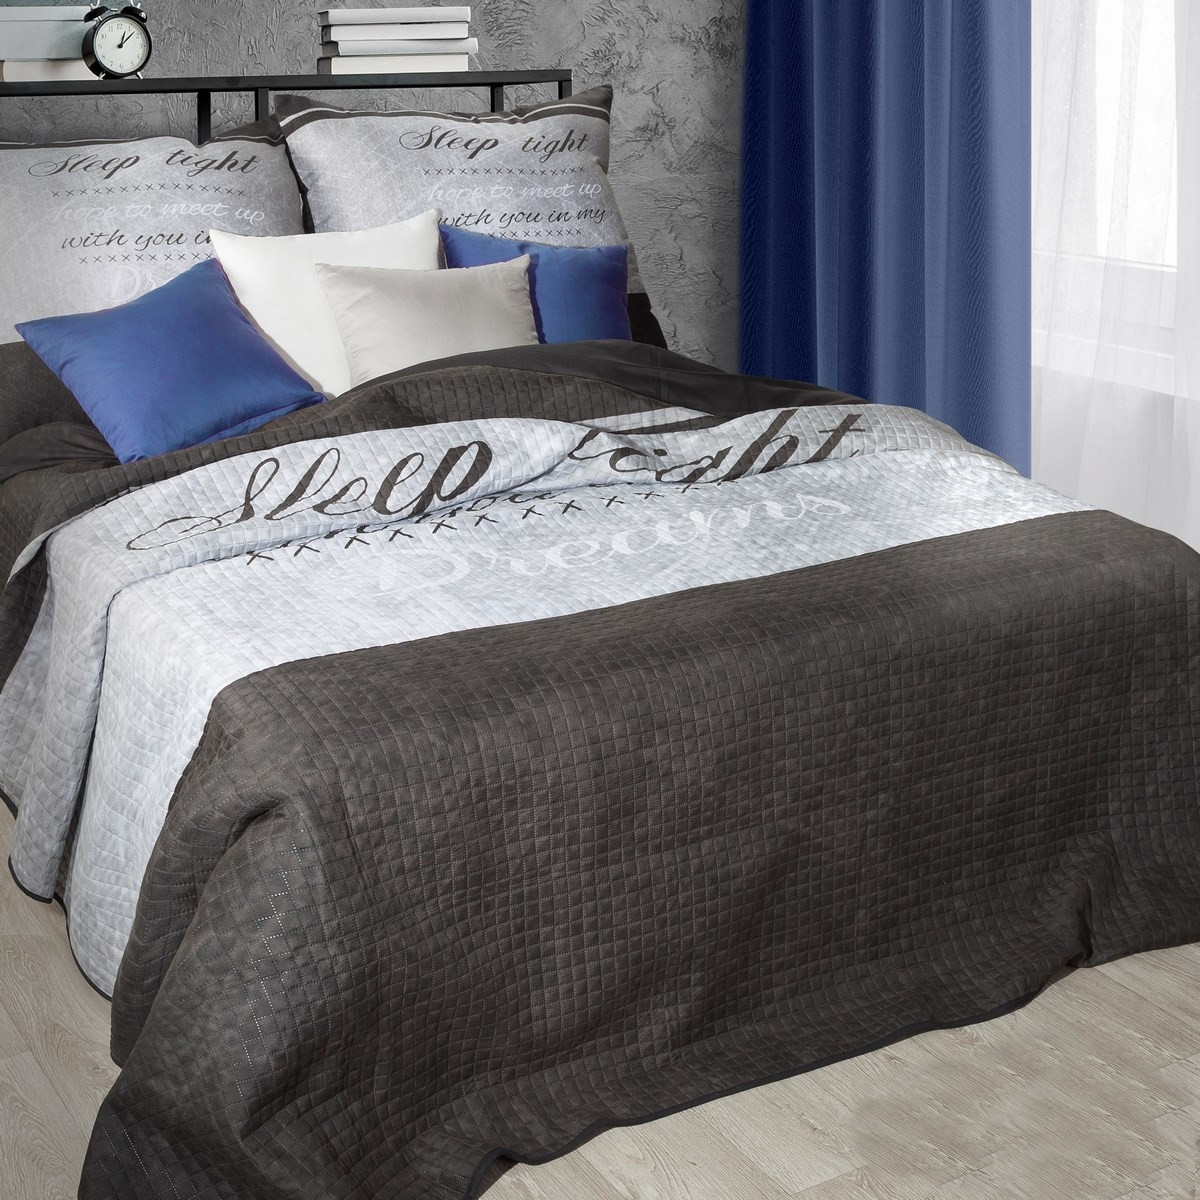 Prošívaný dvoubarevný přehoz na postel s nápisem